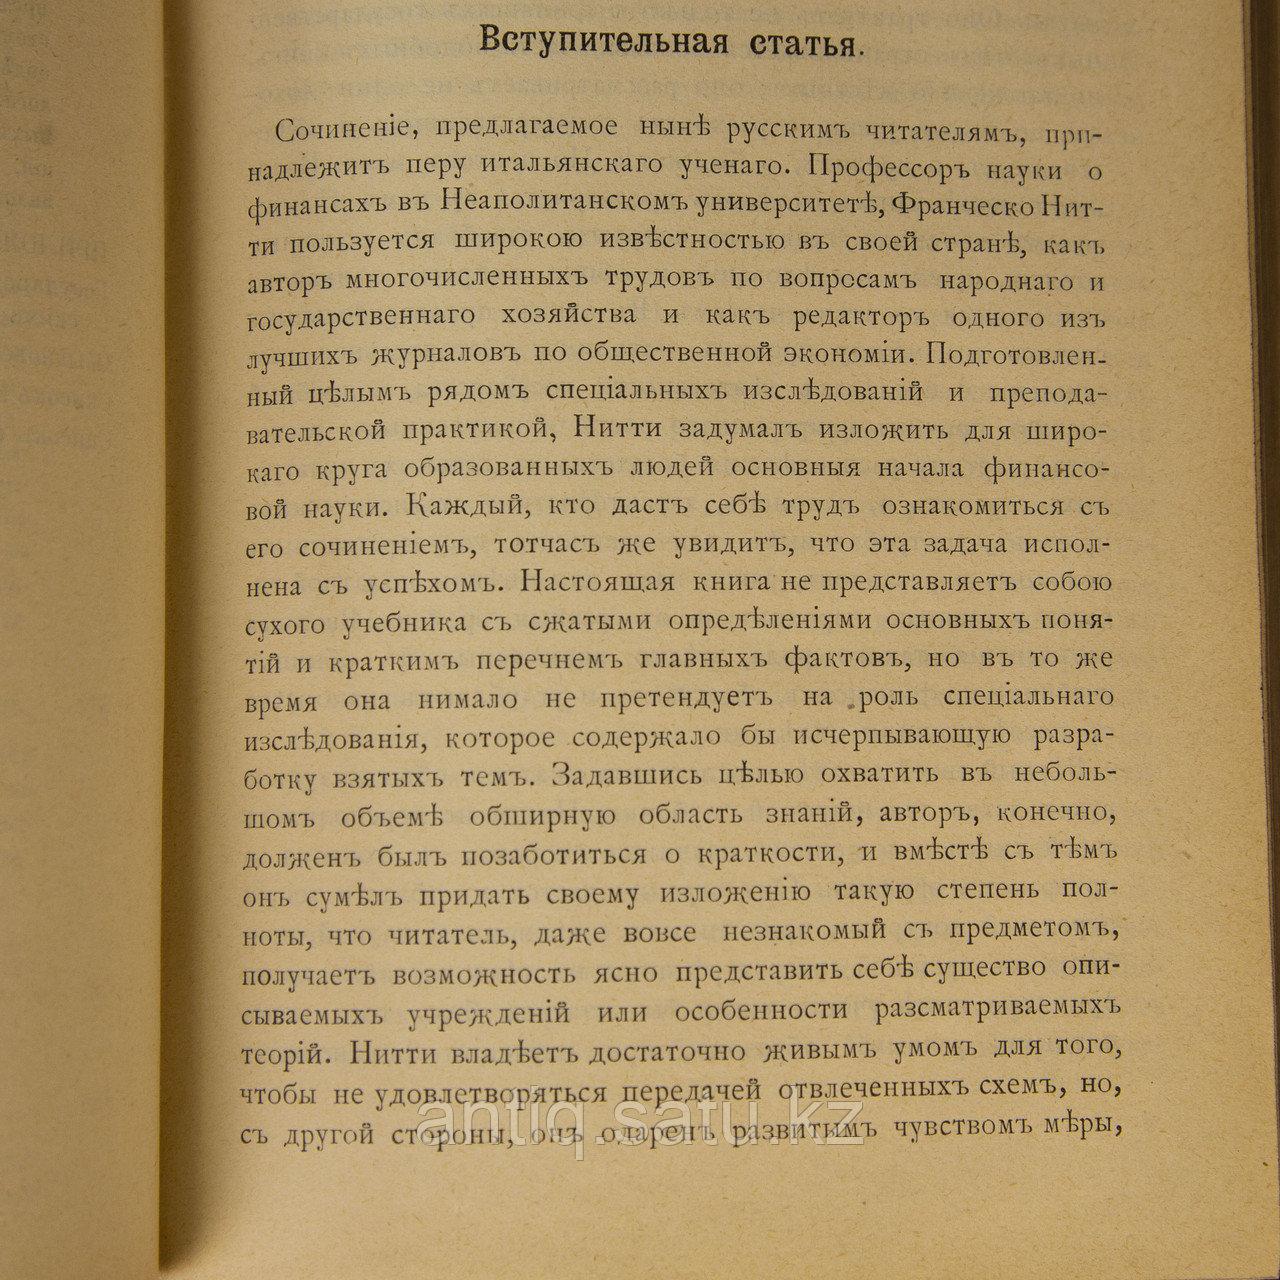 Антикварная книга по банковскому делу. «Основные начала Финансовой науки» - фото 7